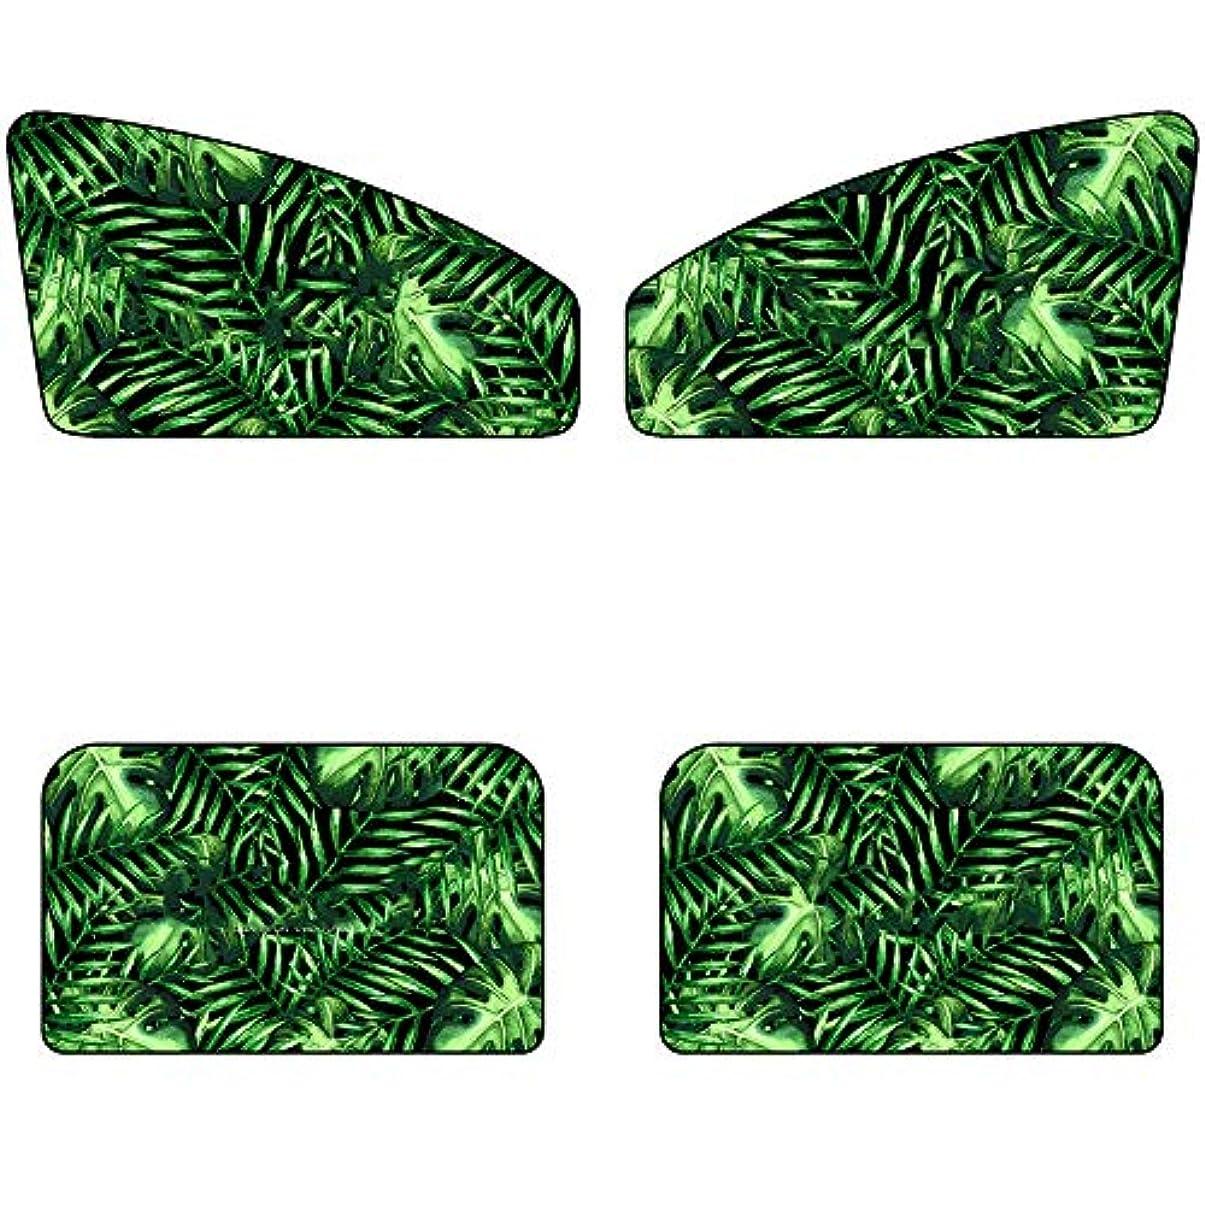 キャリア包括的スペクトラム車の日よけ 車の使用 磁気 サンシェード 車 日焼け止め絶縁 サンシェード リアフロントウィンドウシェードサイドウィンドウサンシェードベイビー4本,Green